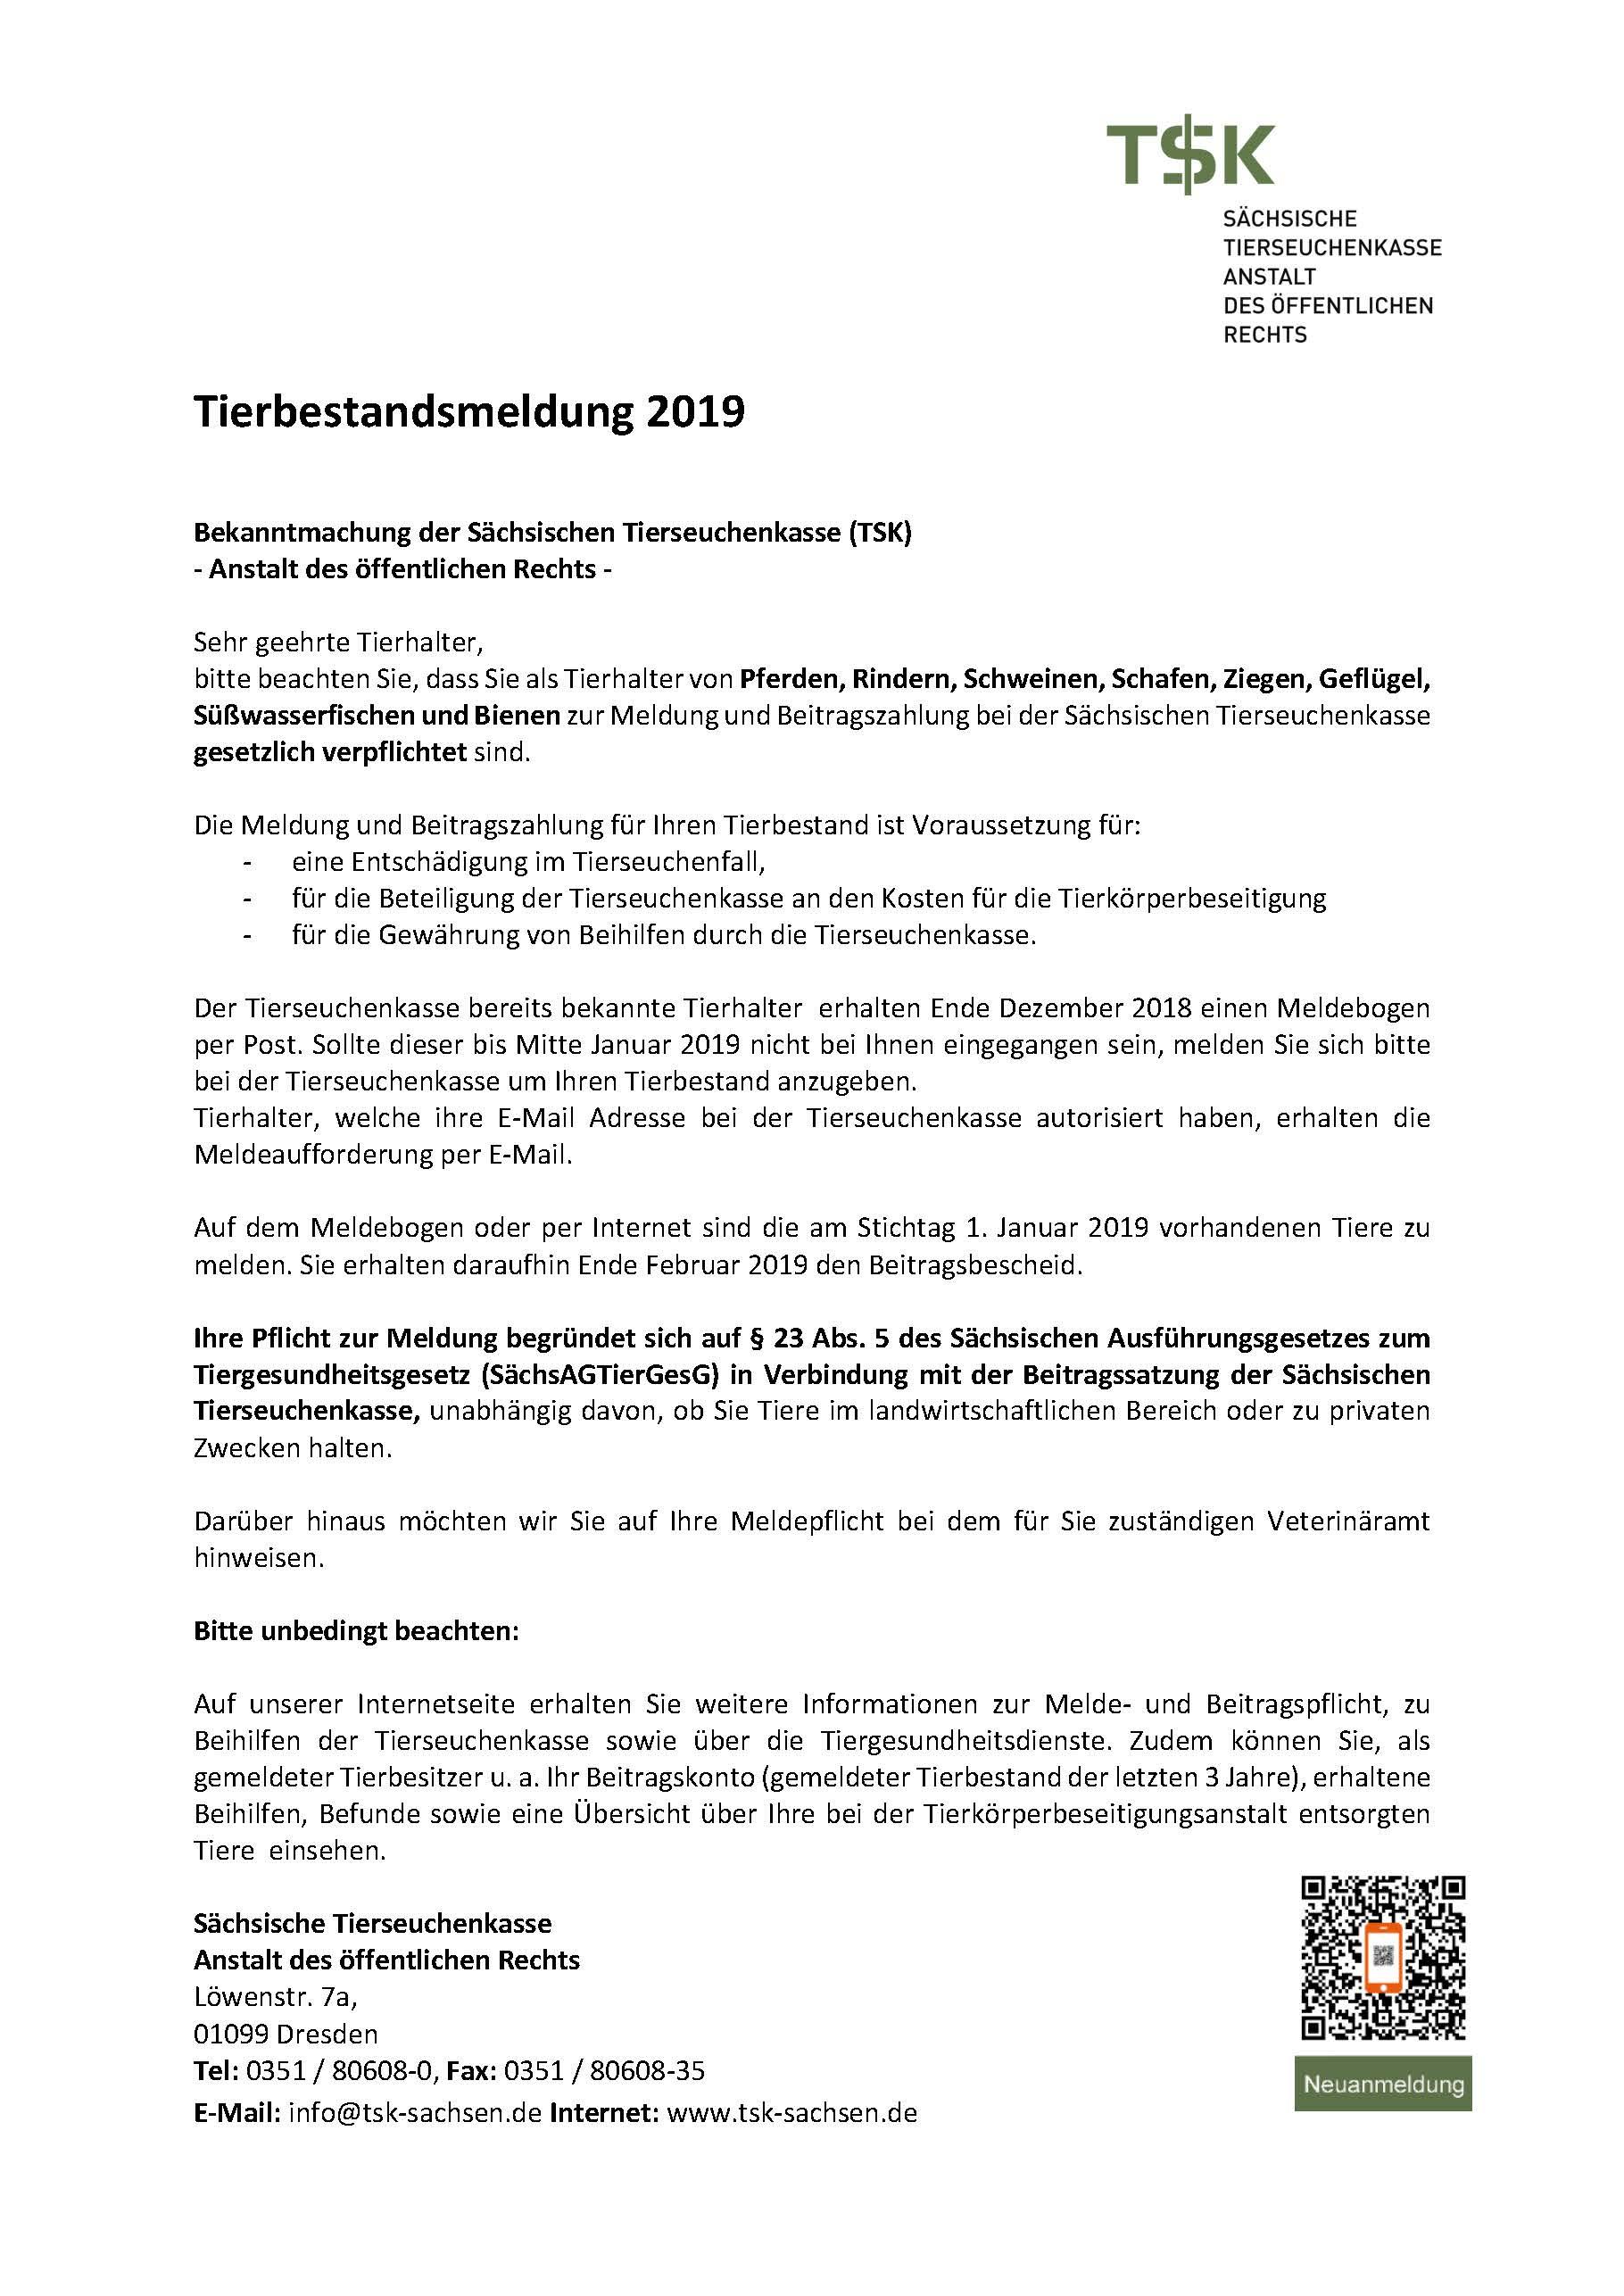 Bekanntmachung der Sächsischen Tierseuchenkasse_Gemeinden 2019.jpg